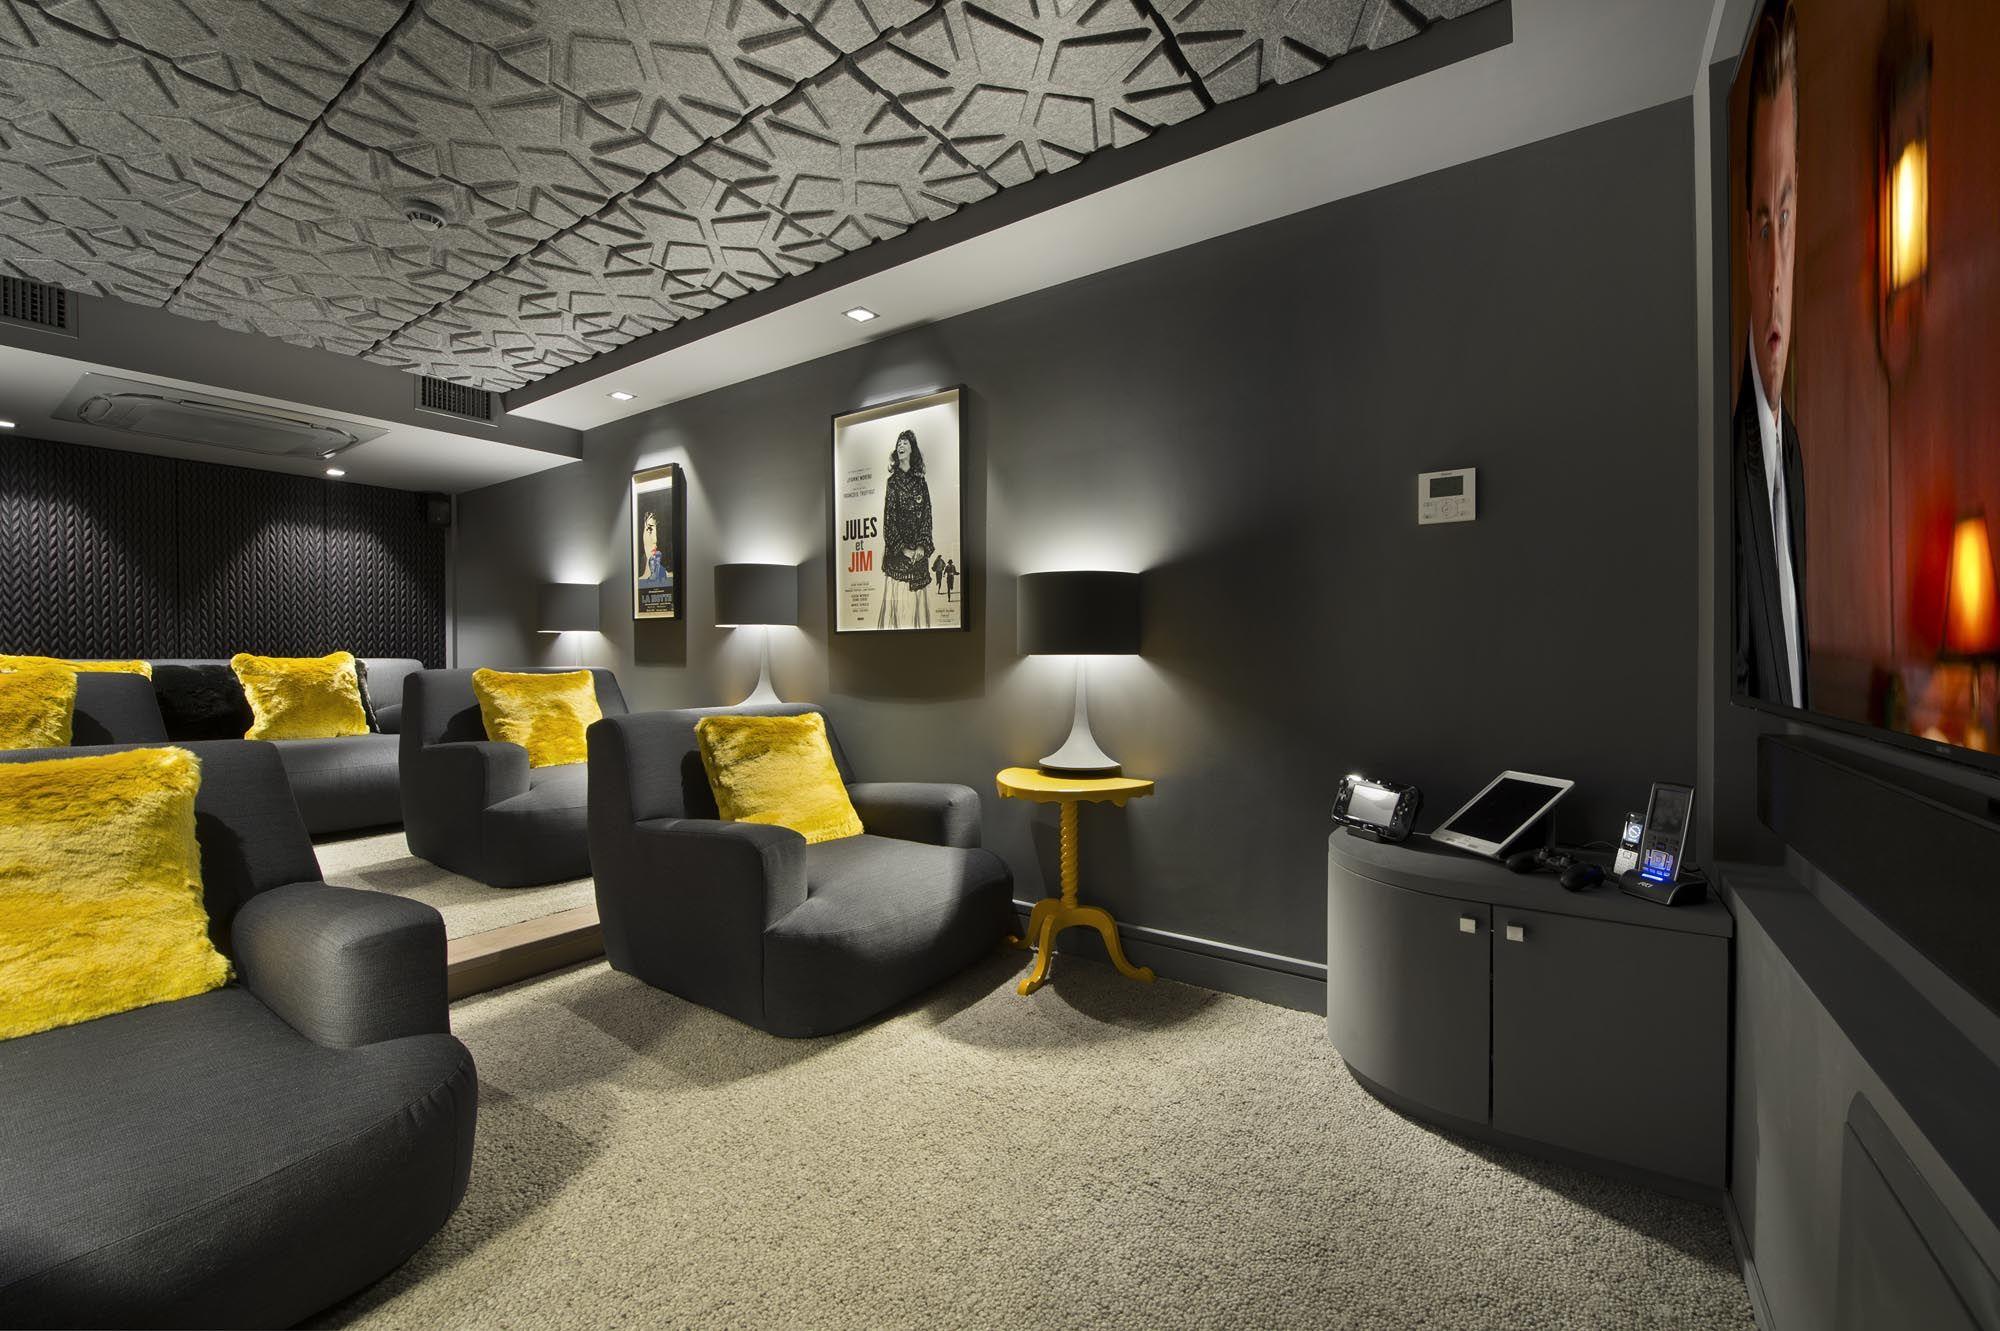 Chalet Cinema | Courchevel | Interior Design Project, Luxury ... on surround sound interior design, blog interior design, cinema home furniture, cinema sofa,